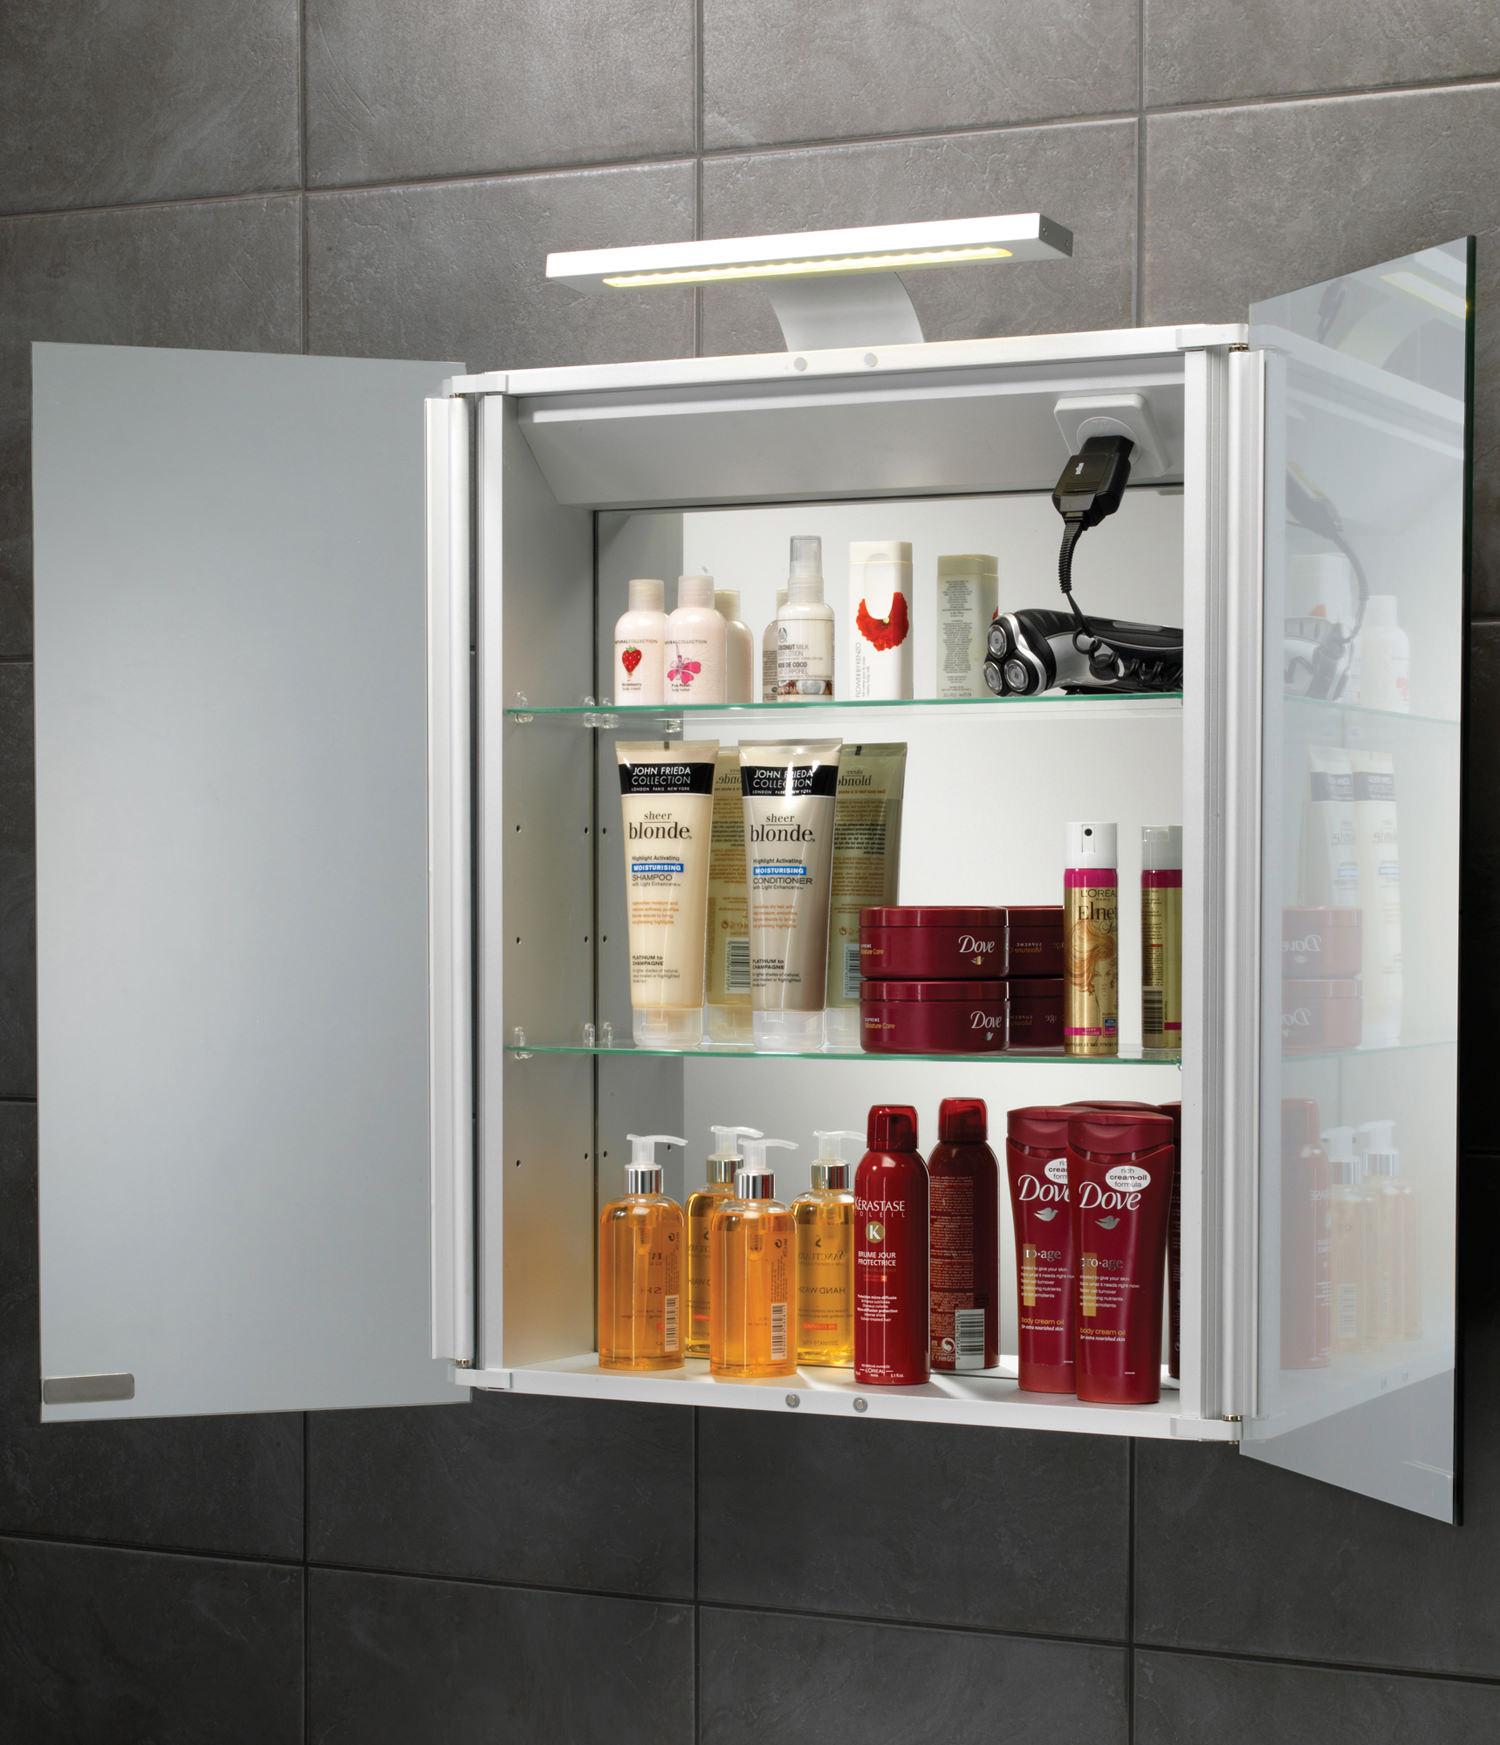 Aluminium Bathroom Cabinets Hib Atomic Led Illuminated Double Door Aluminium Mirrored Cabinet